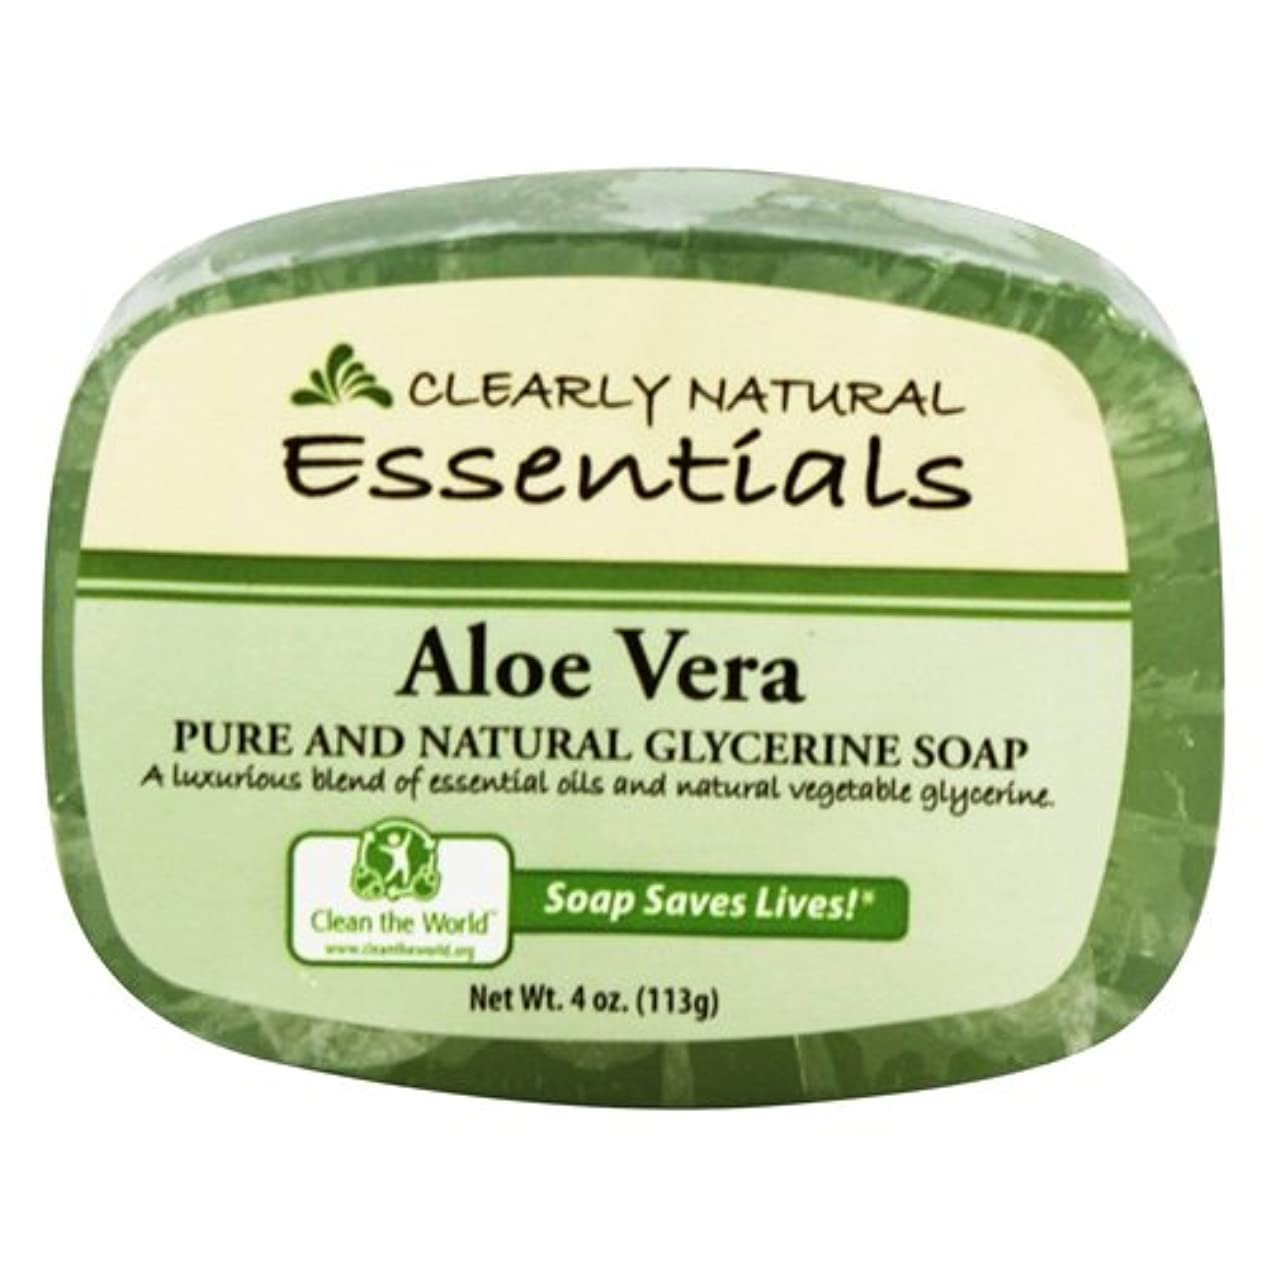 引用手伝うアテンダントClearly Natural - グリセリン石鹸アロエベラ - 4ポンド